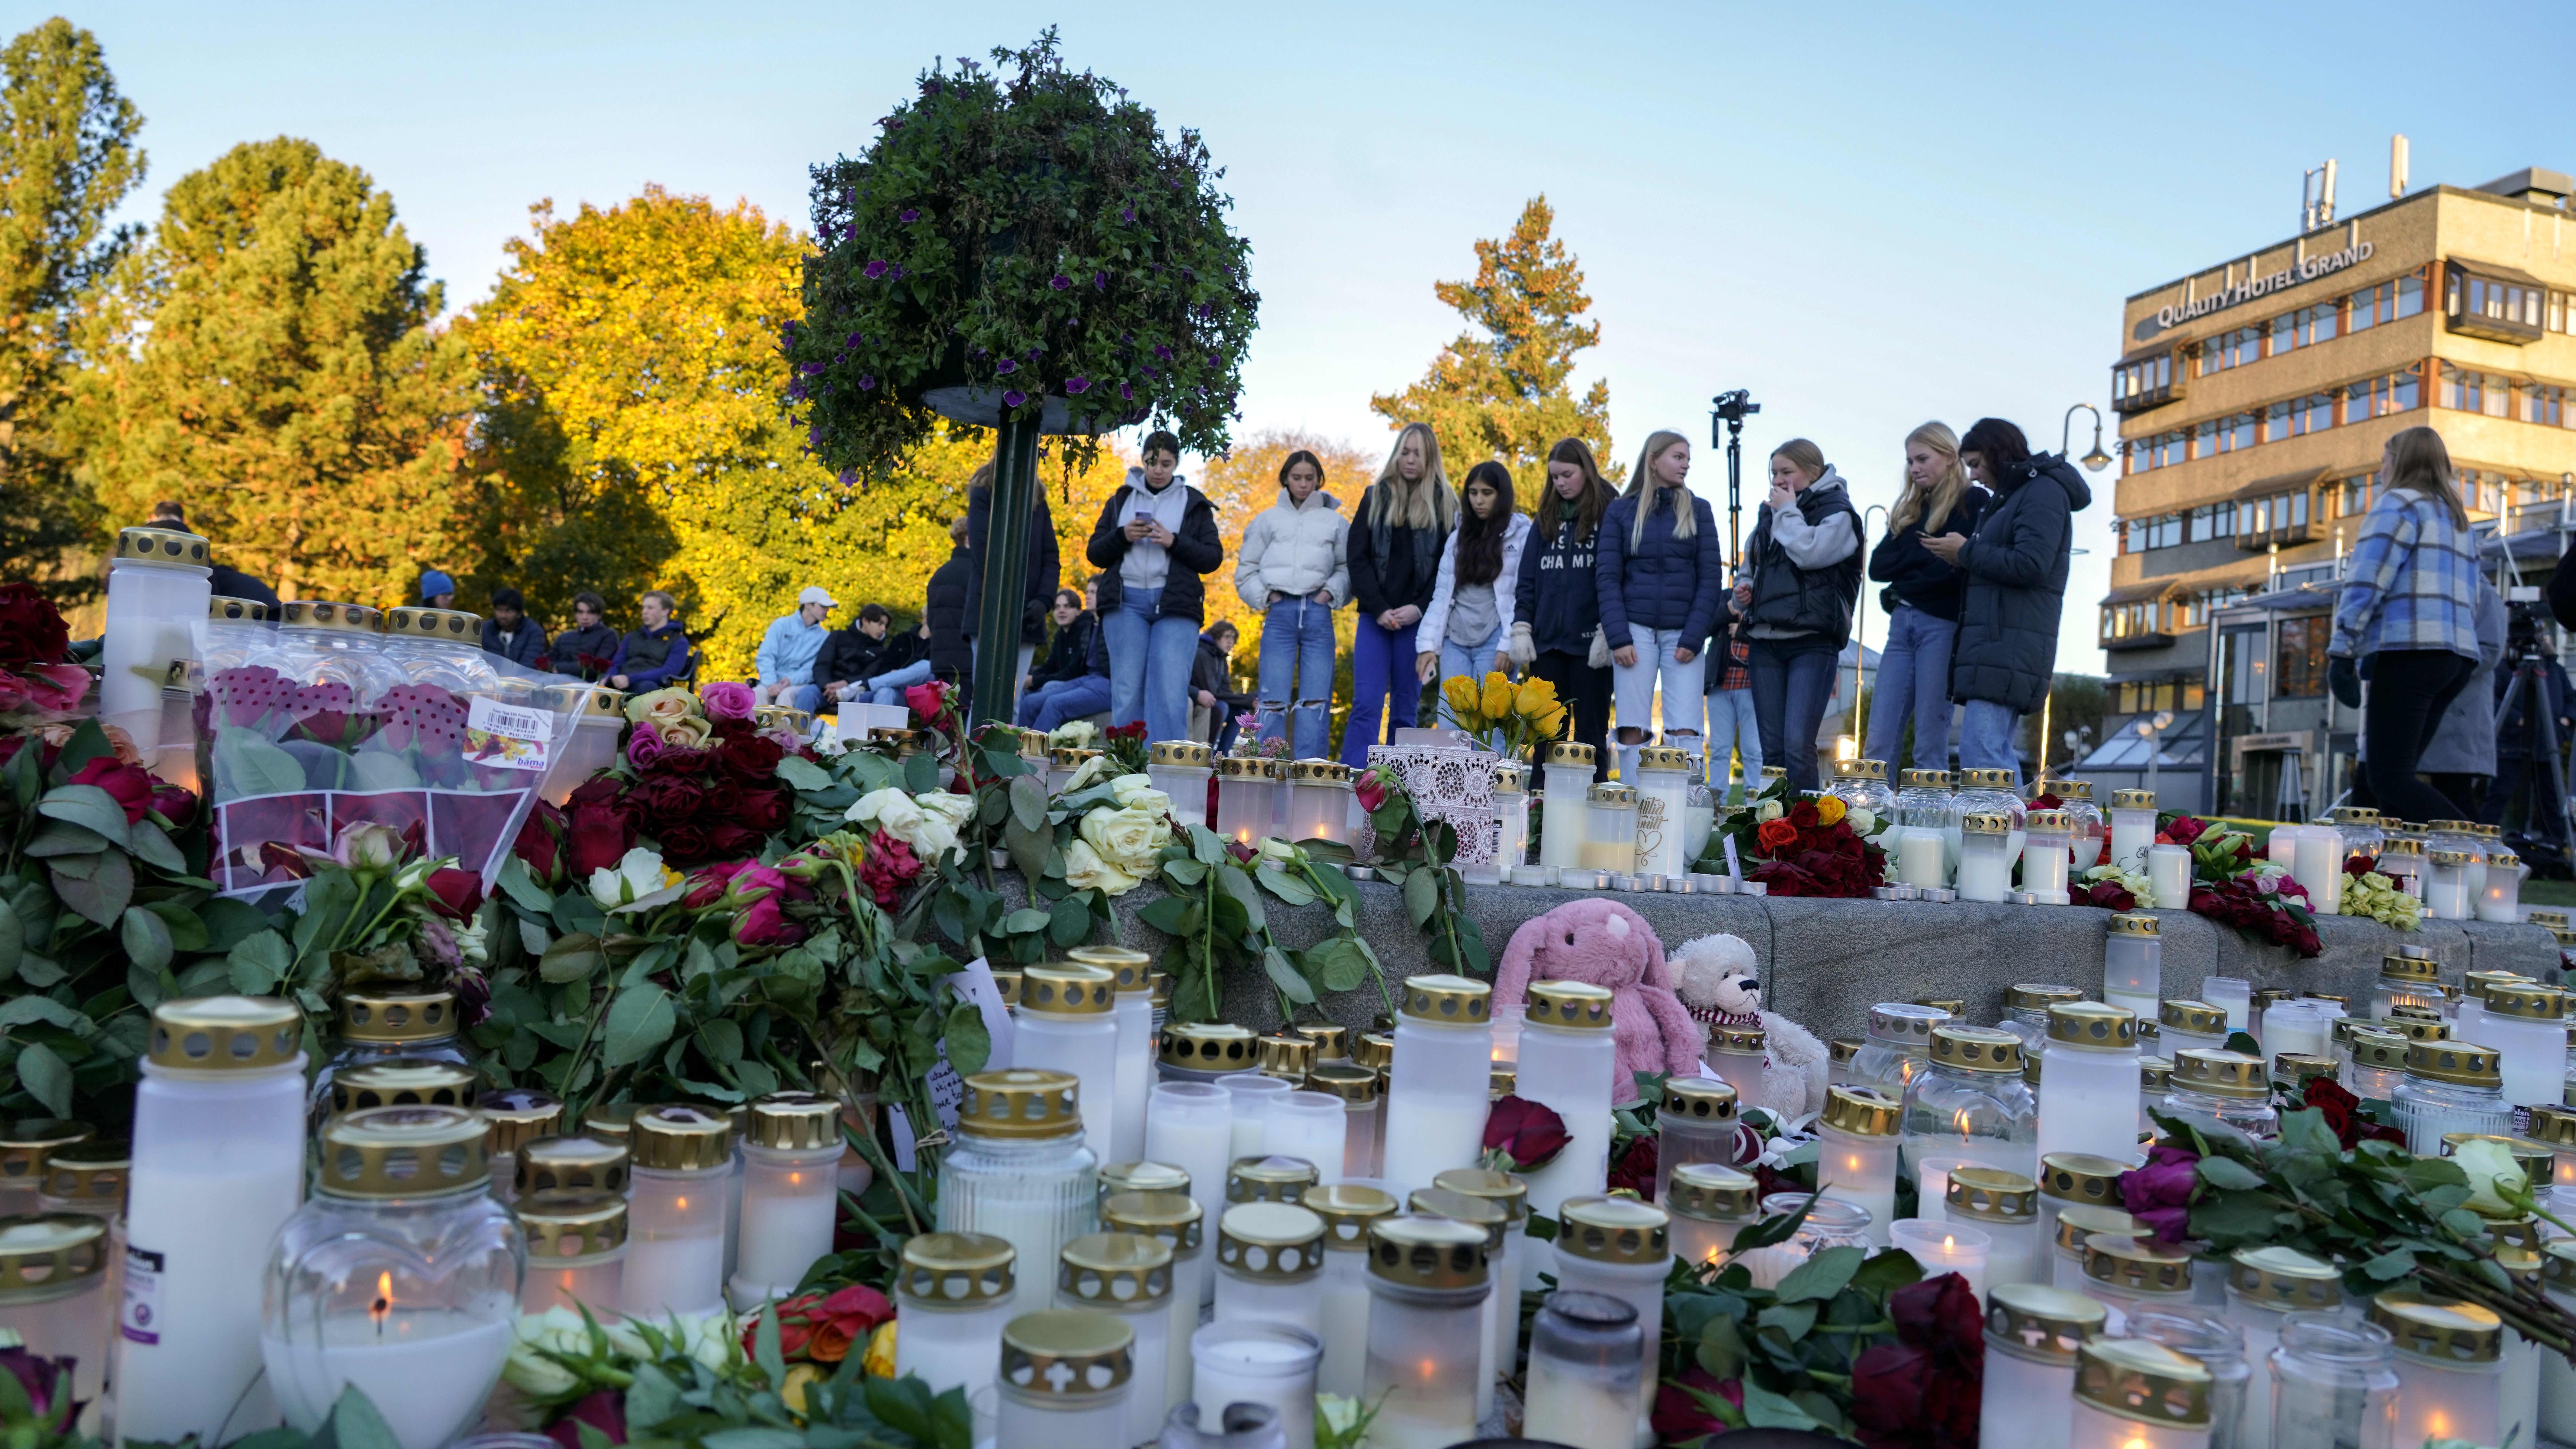 Människor står bakom en stor mängd gravljus och blommor. De ser ledsna ut.